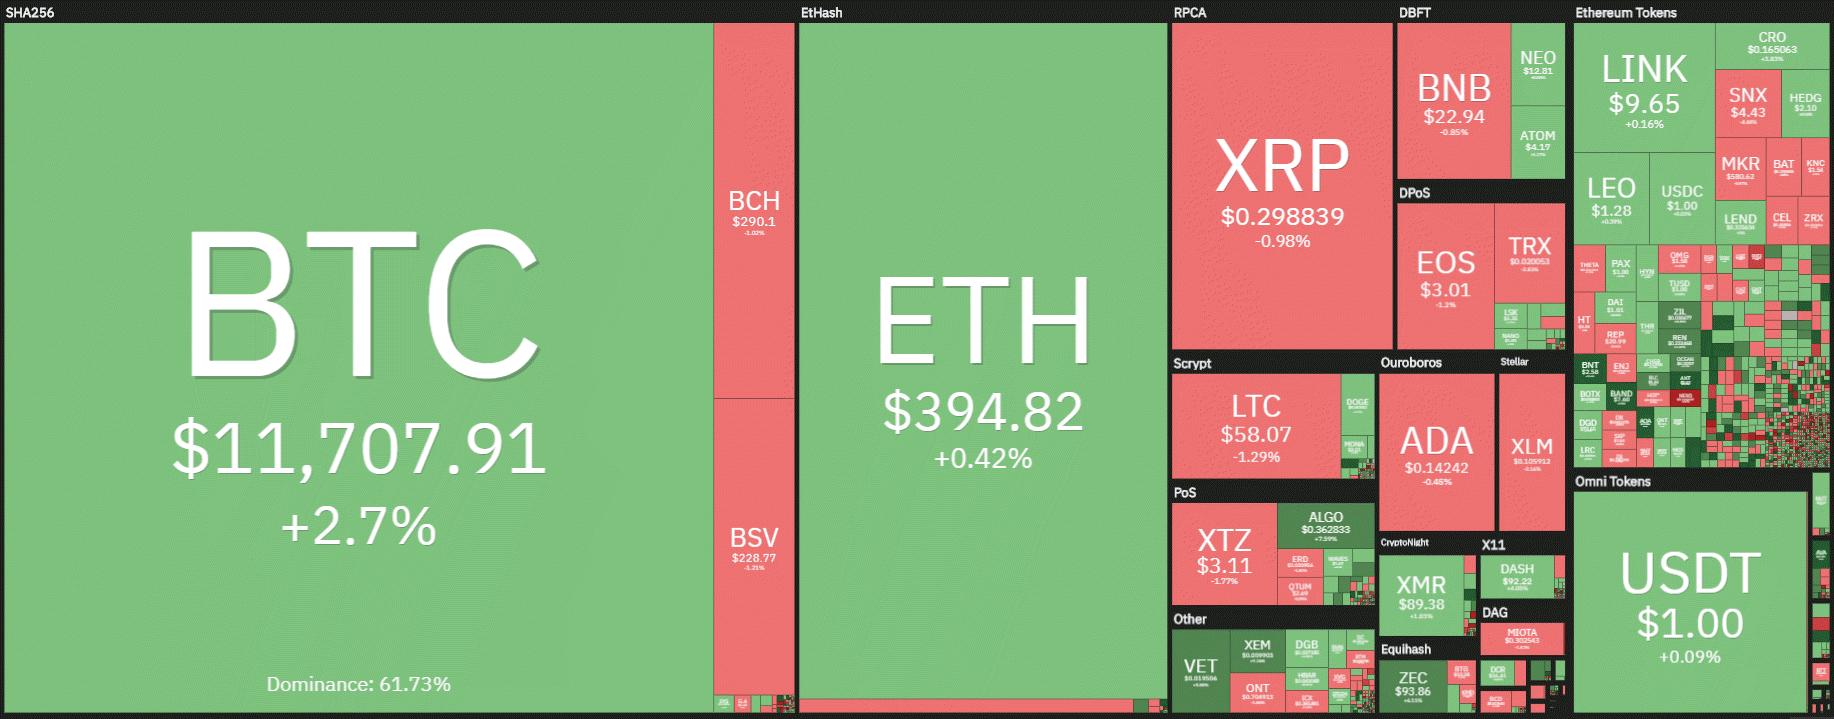 coin360 20200806